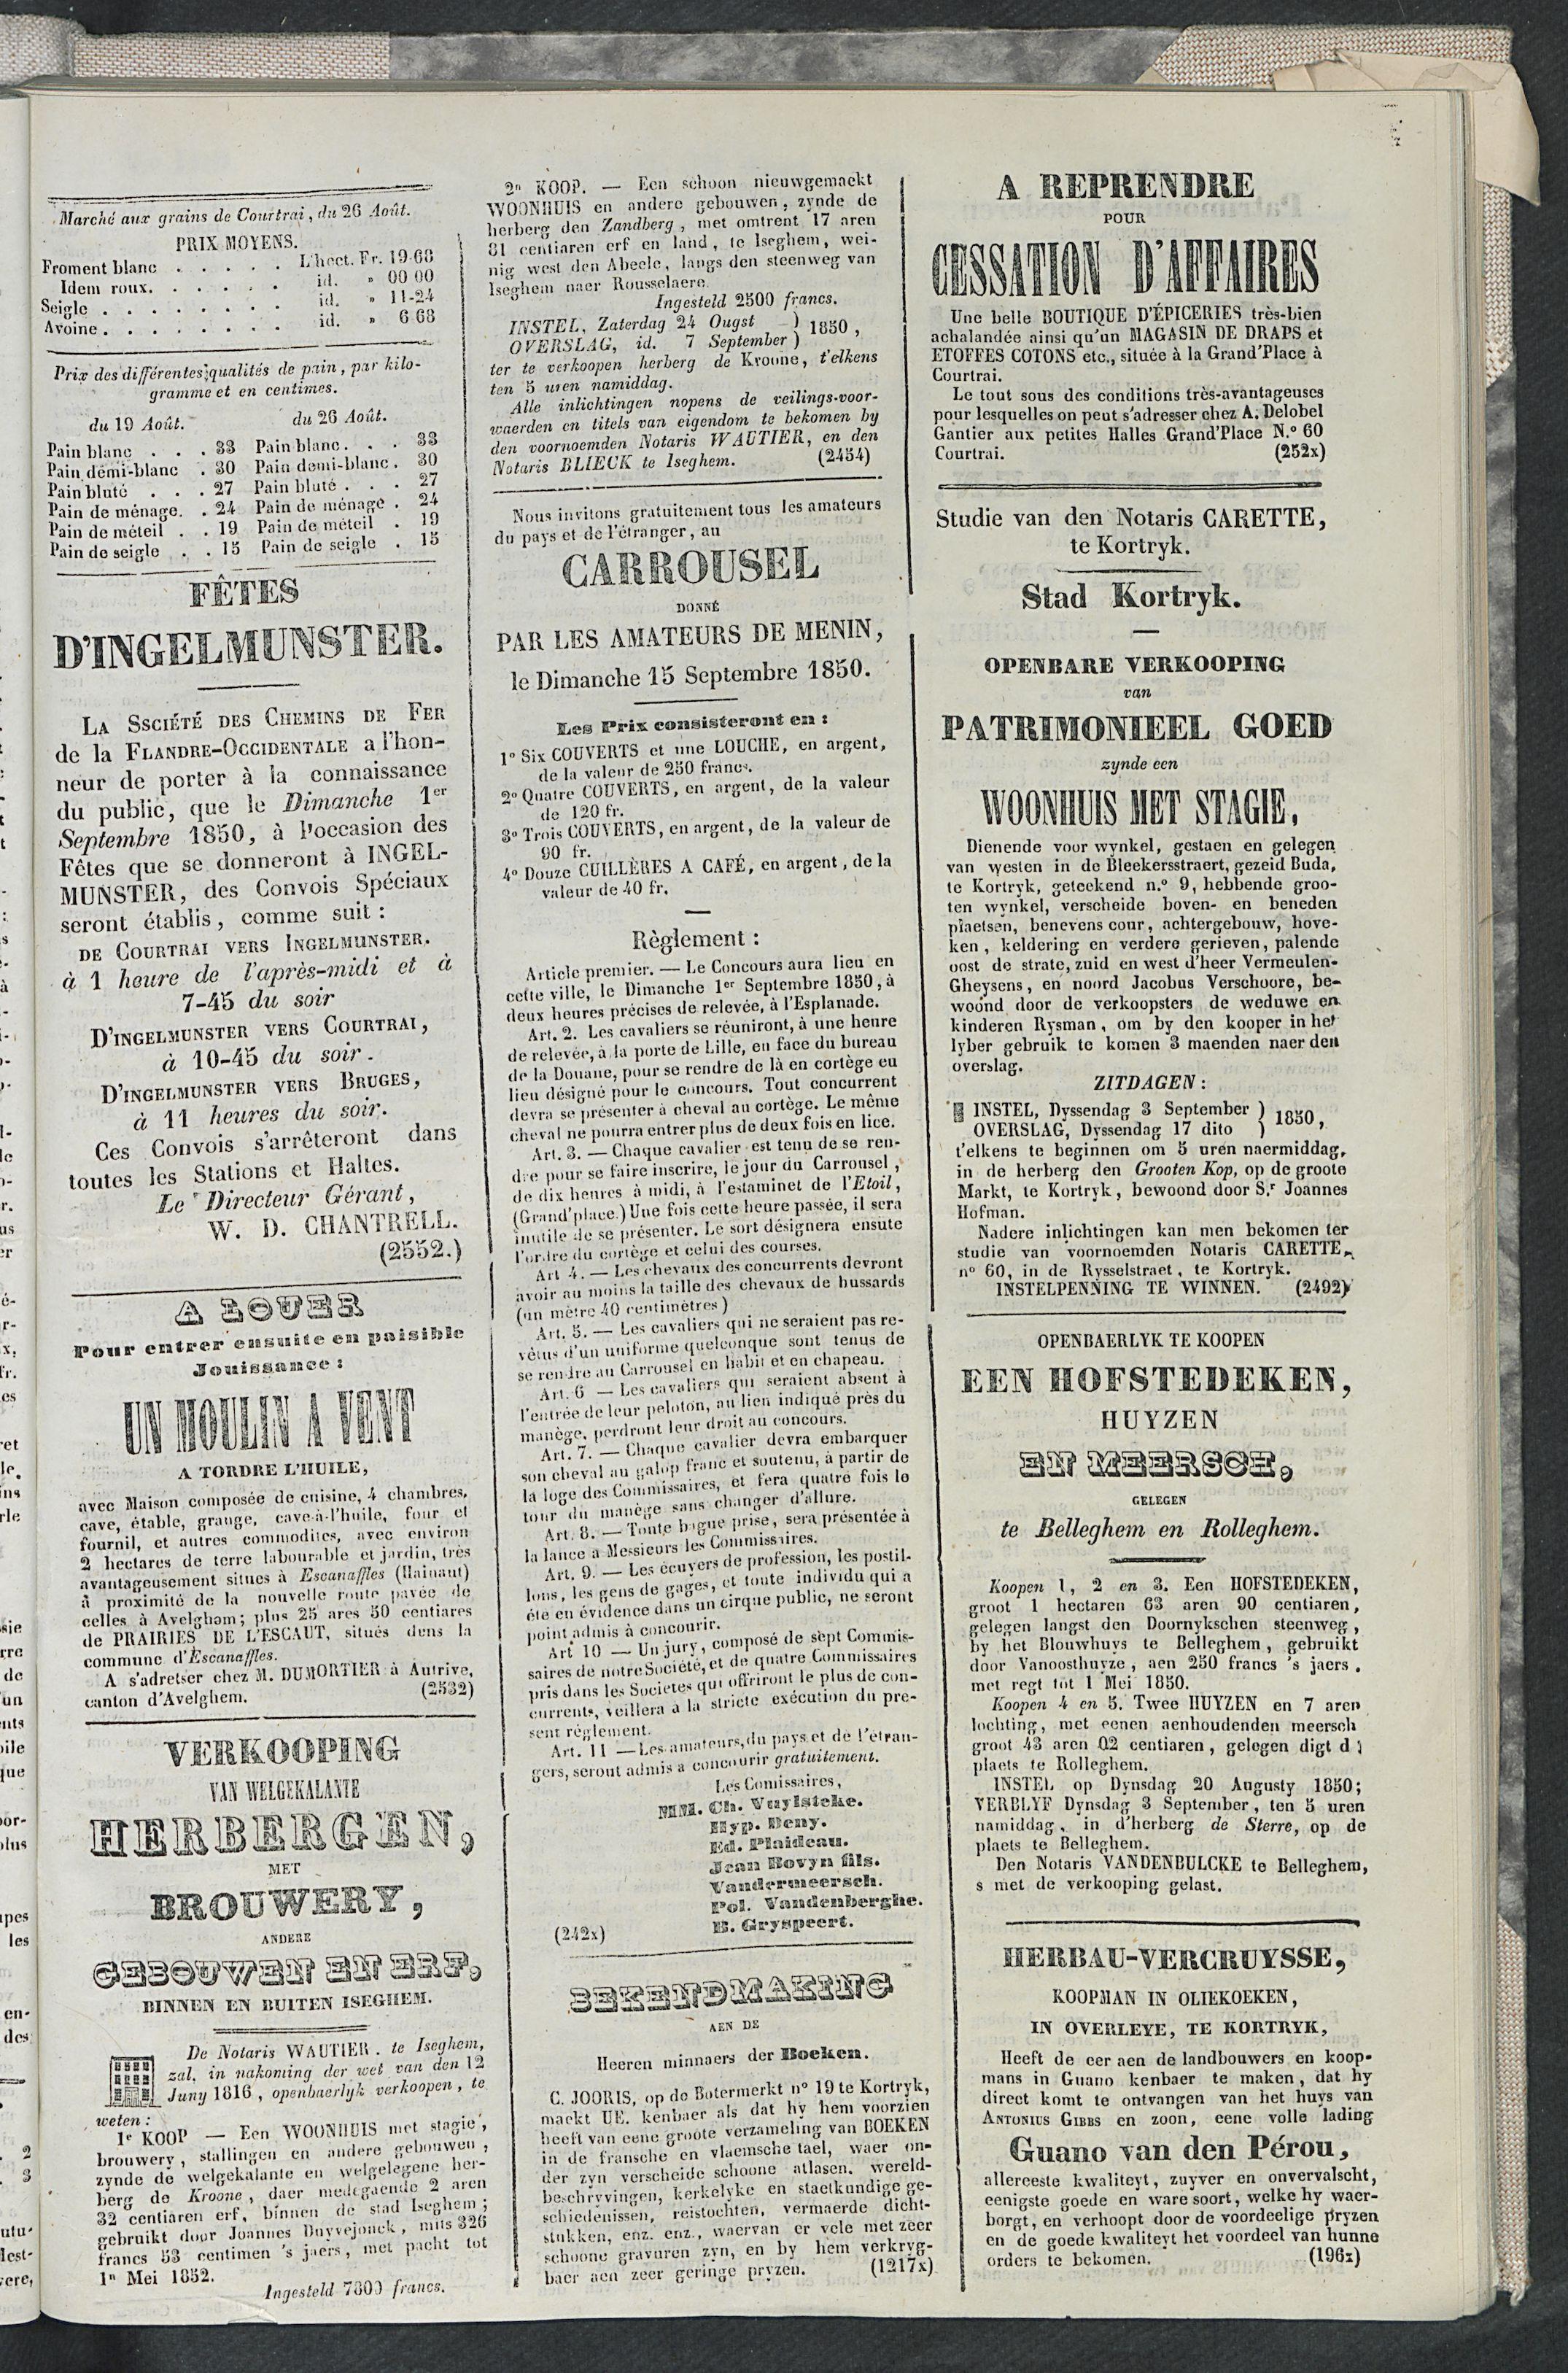 L'echo De Courtrai 1850-08-28 p3